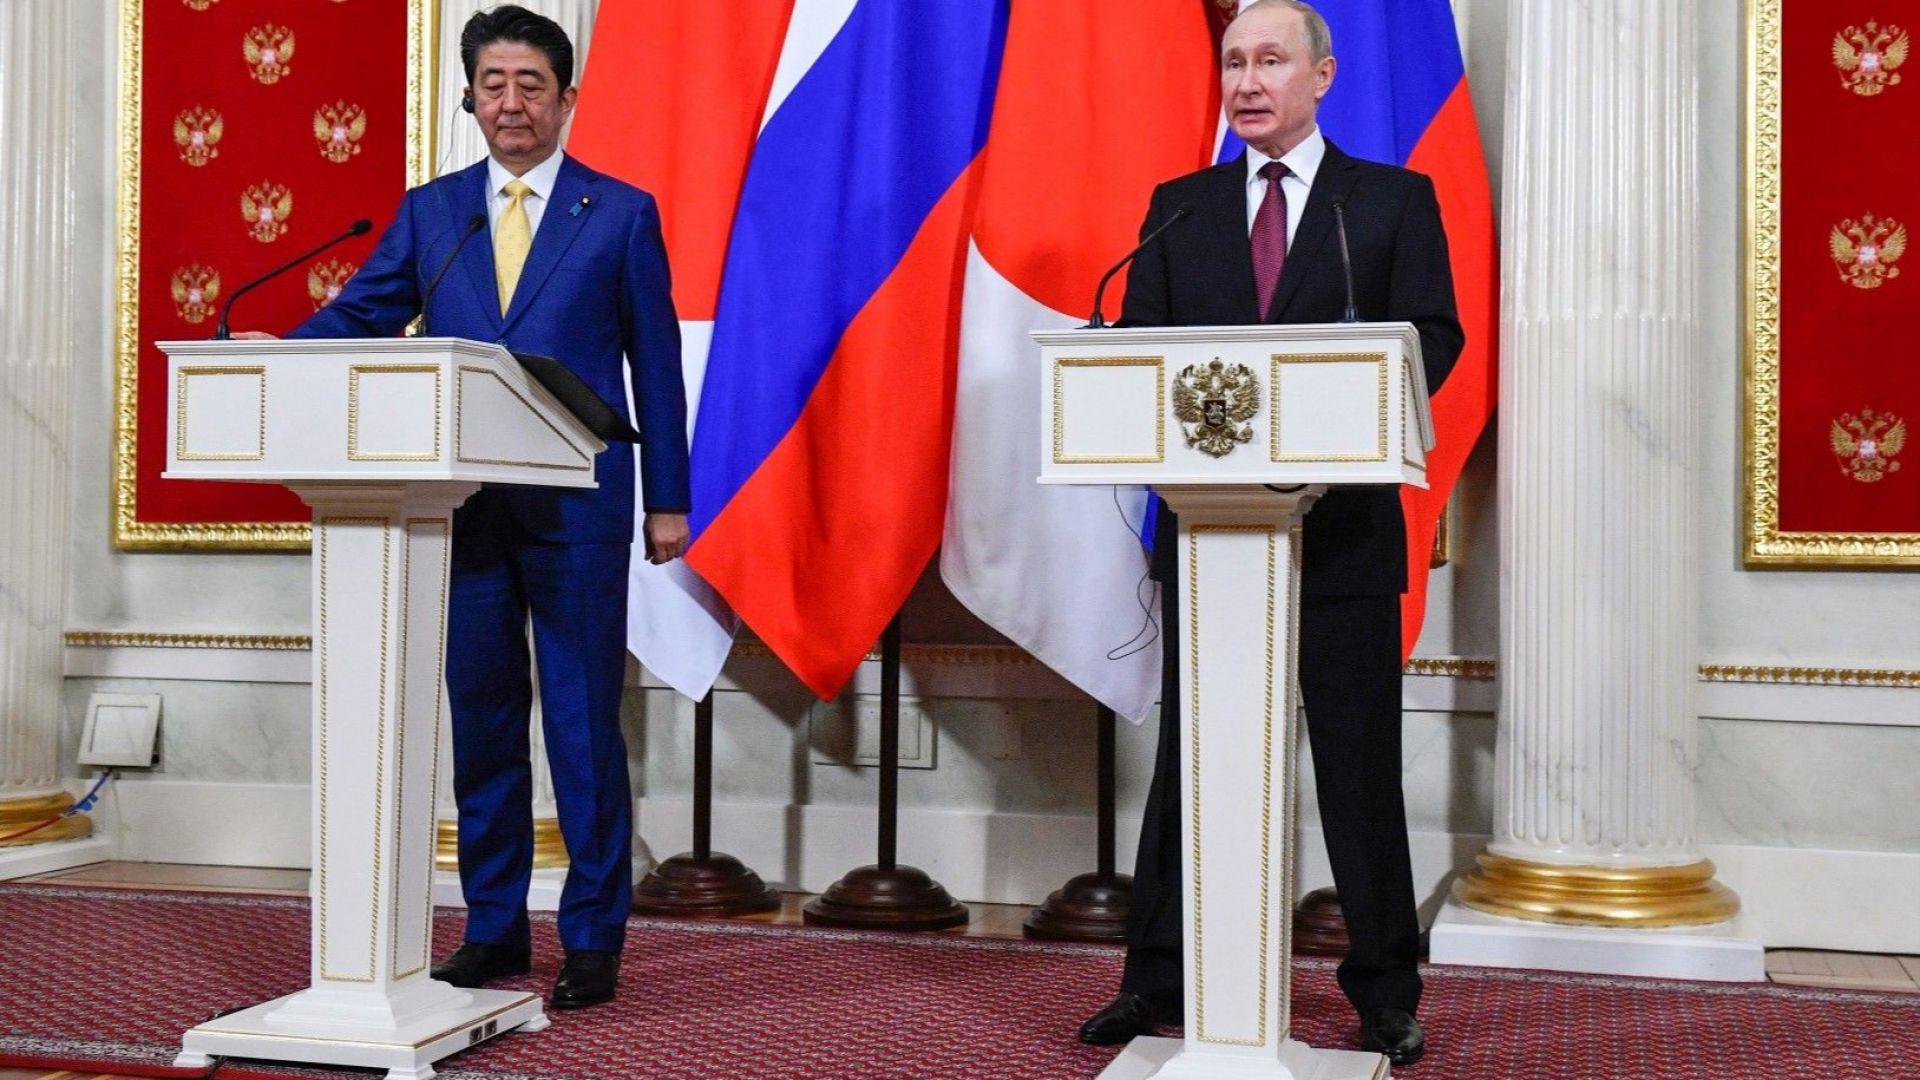 Путин: До мирен договор между Русия и Япония  има да се свърши още много работа